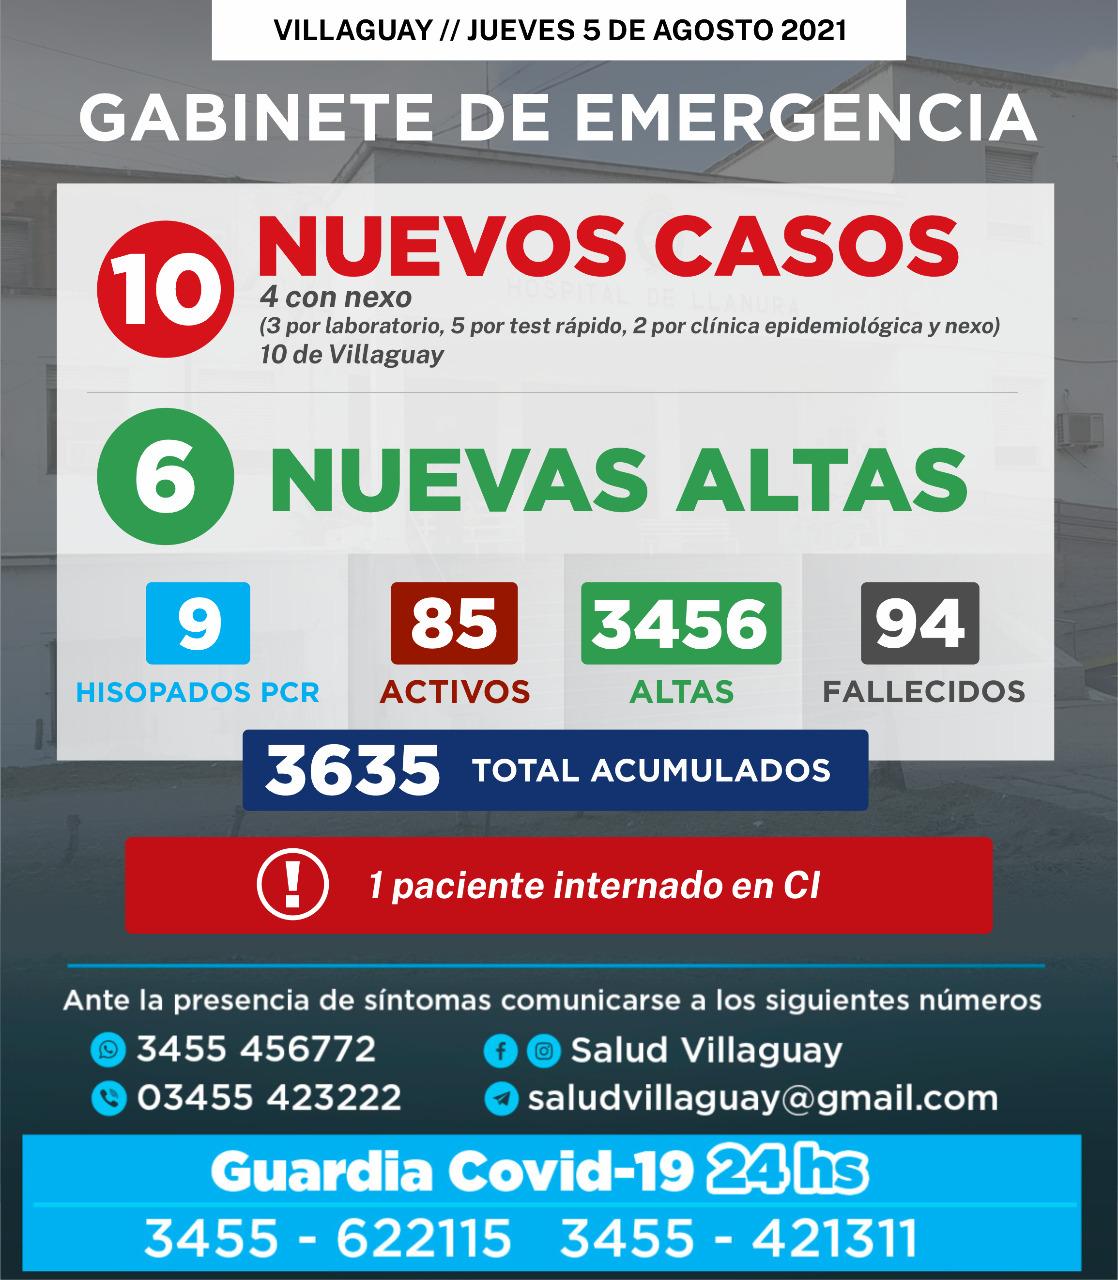 GABINETE DE EMERGENCIA DE VILLAGUAY: Reporte del Jueves 5/08, 10 nuevos casos de Covid-19